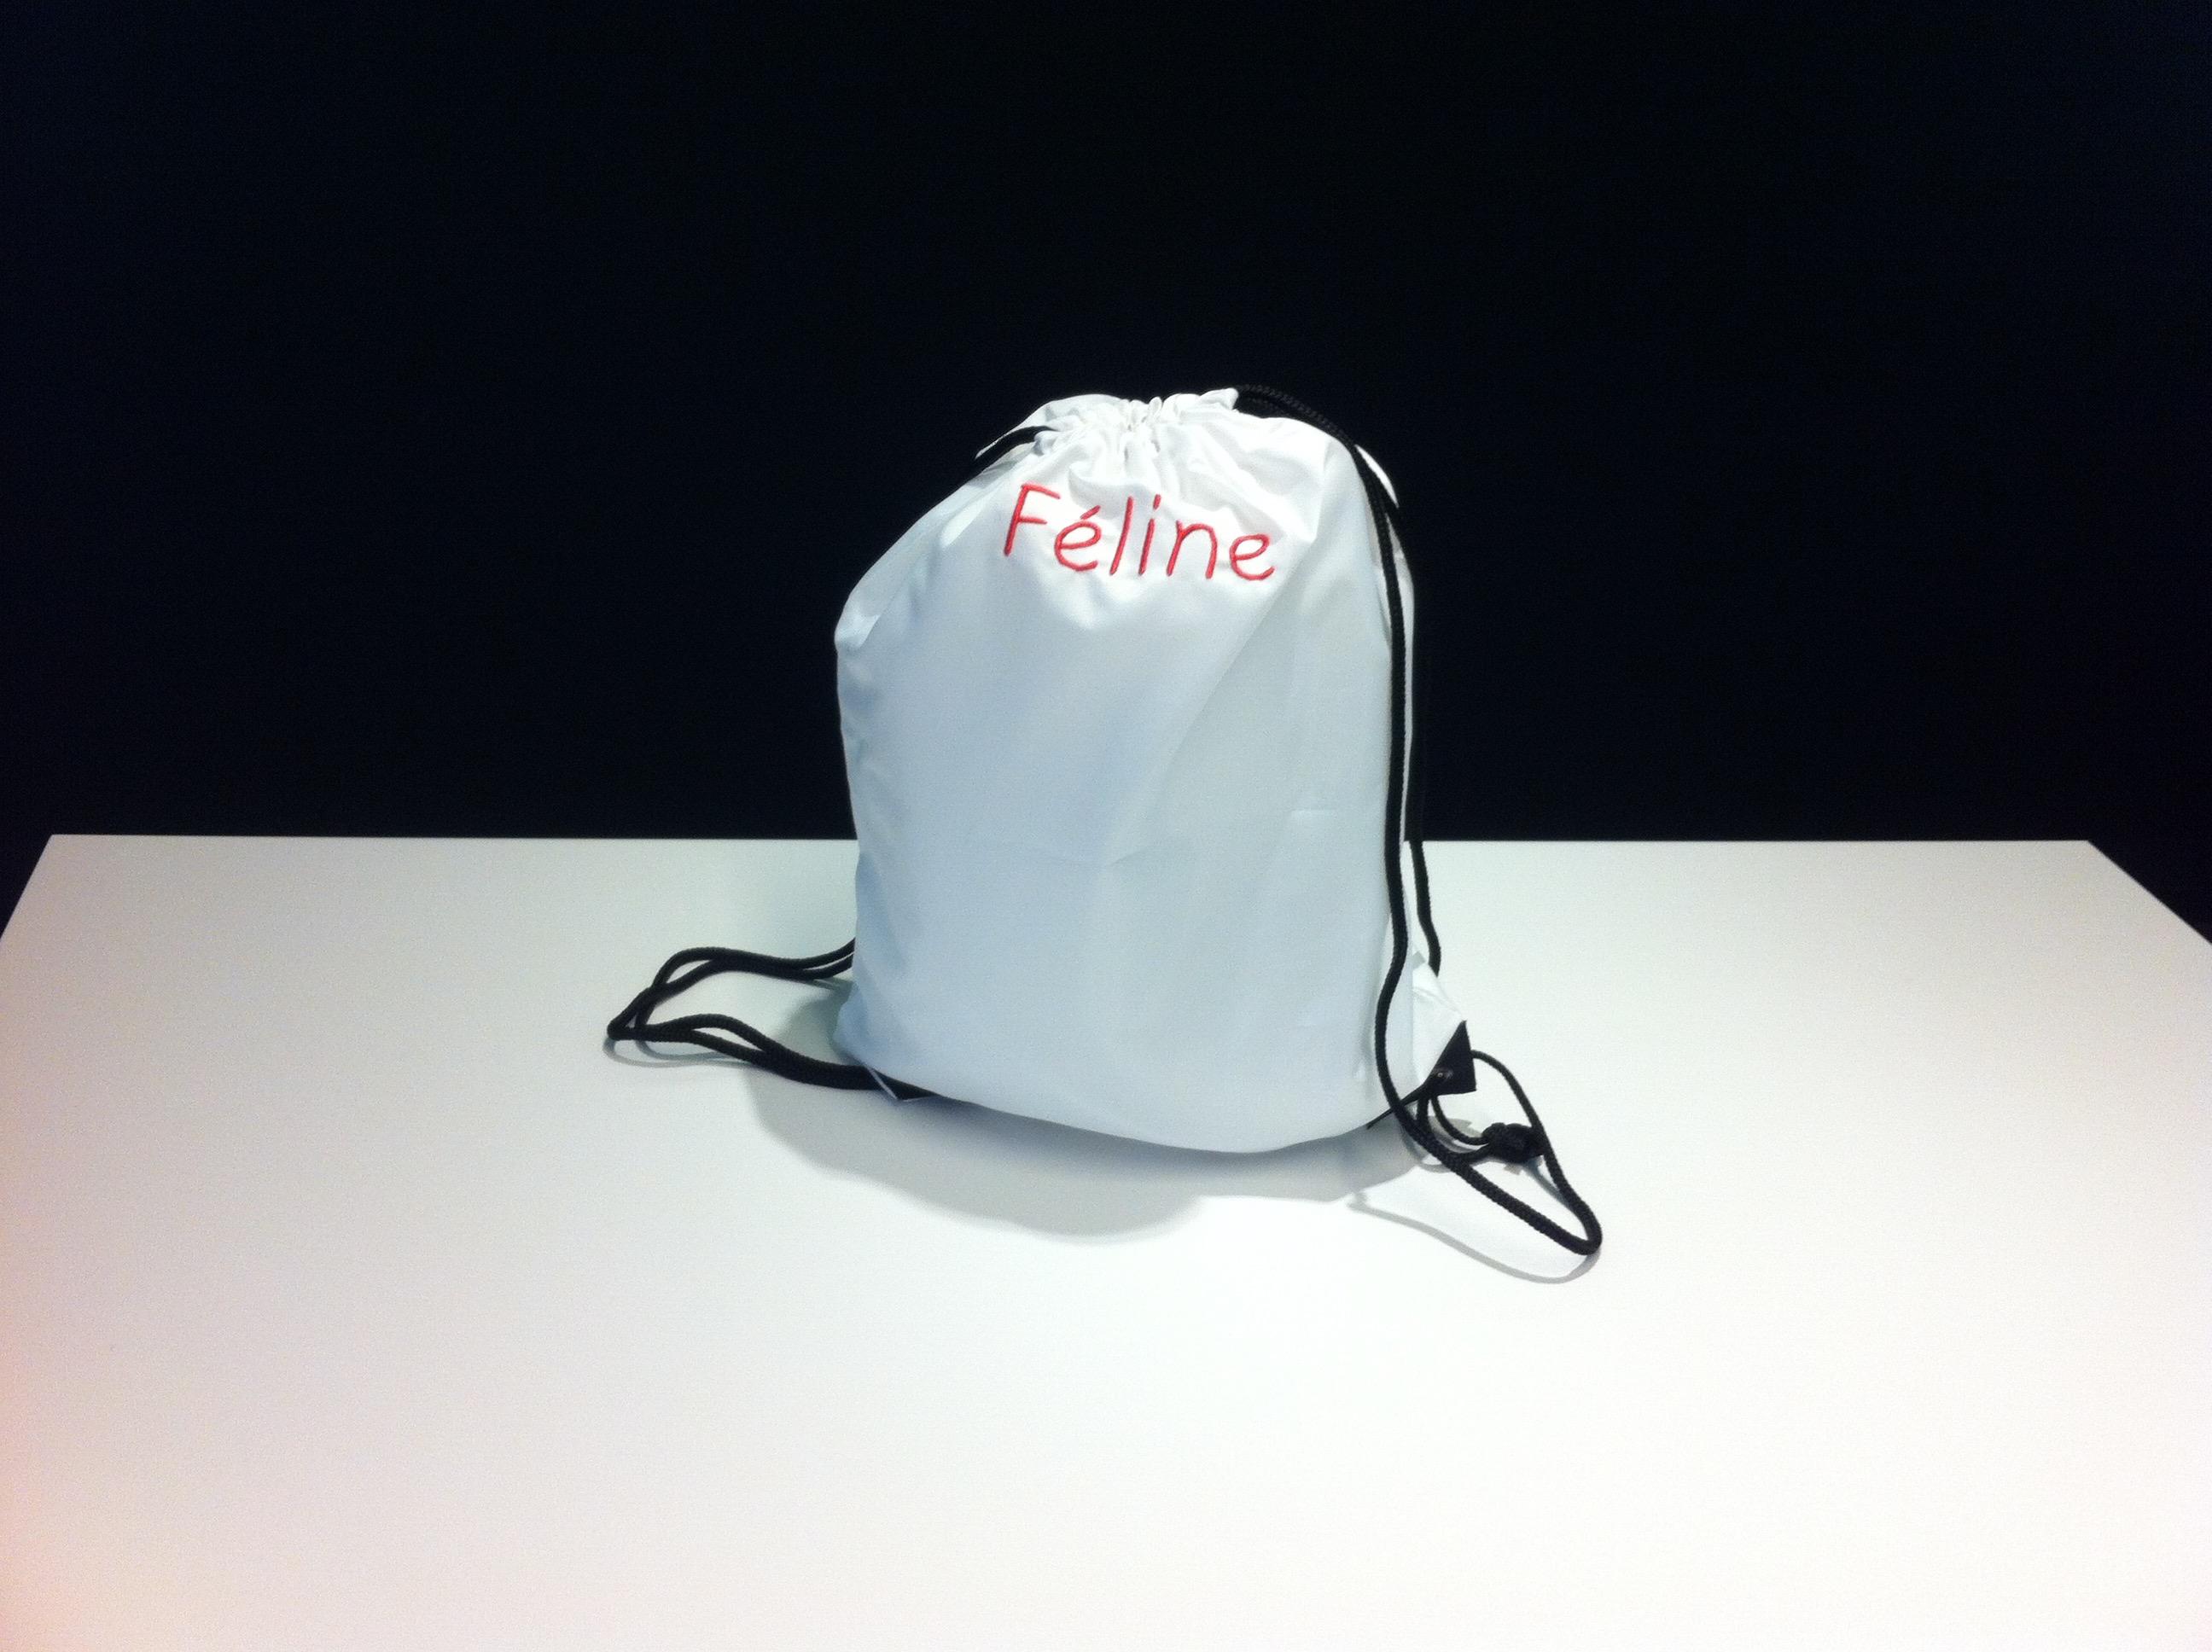 Féline_04